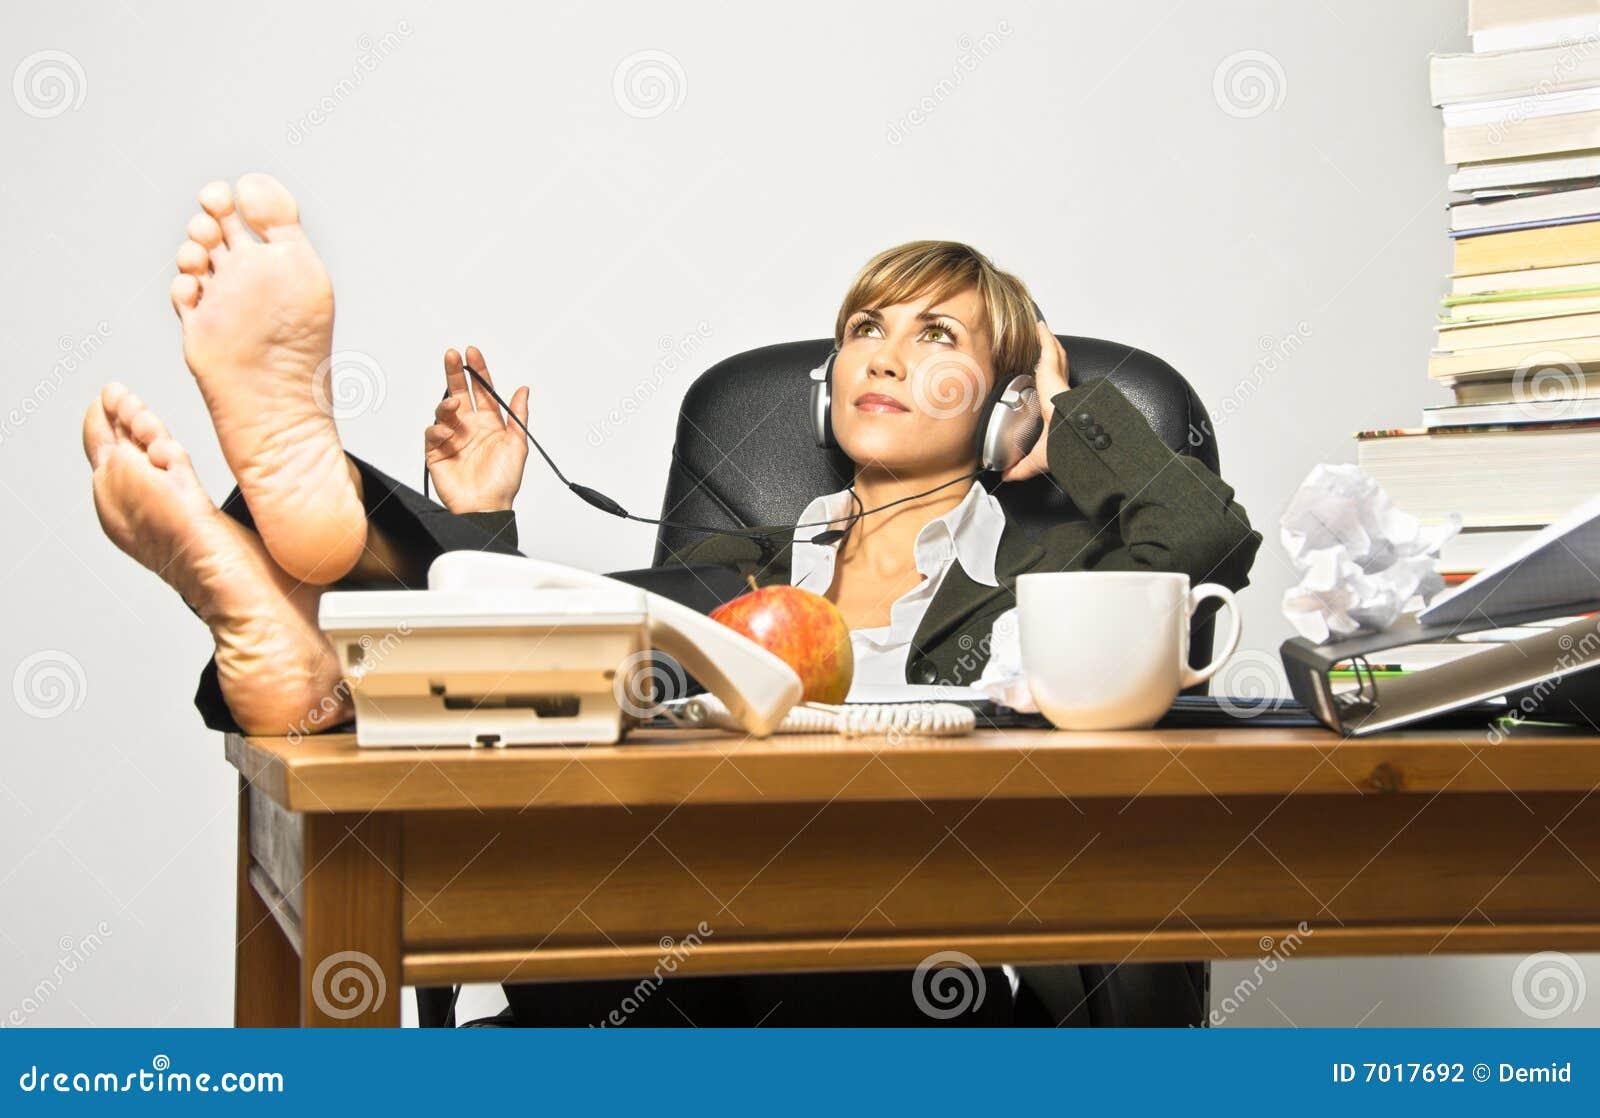 lazy female manager - photo #5